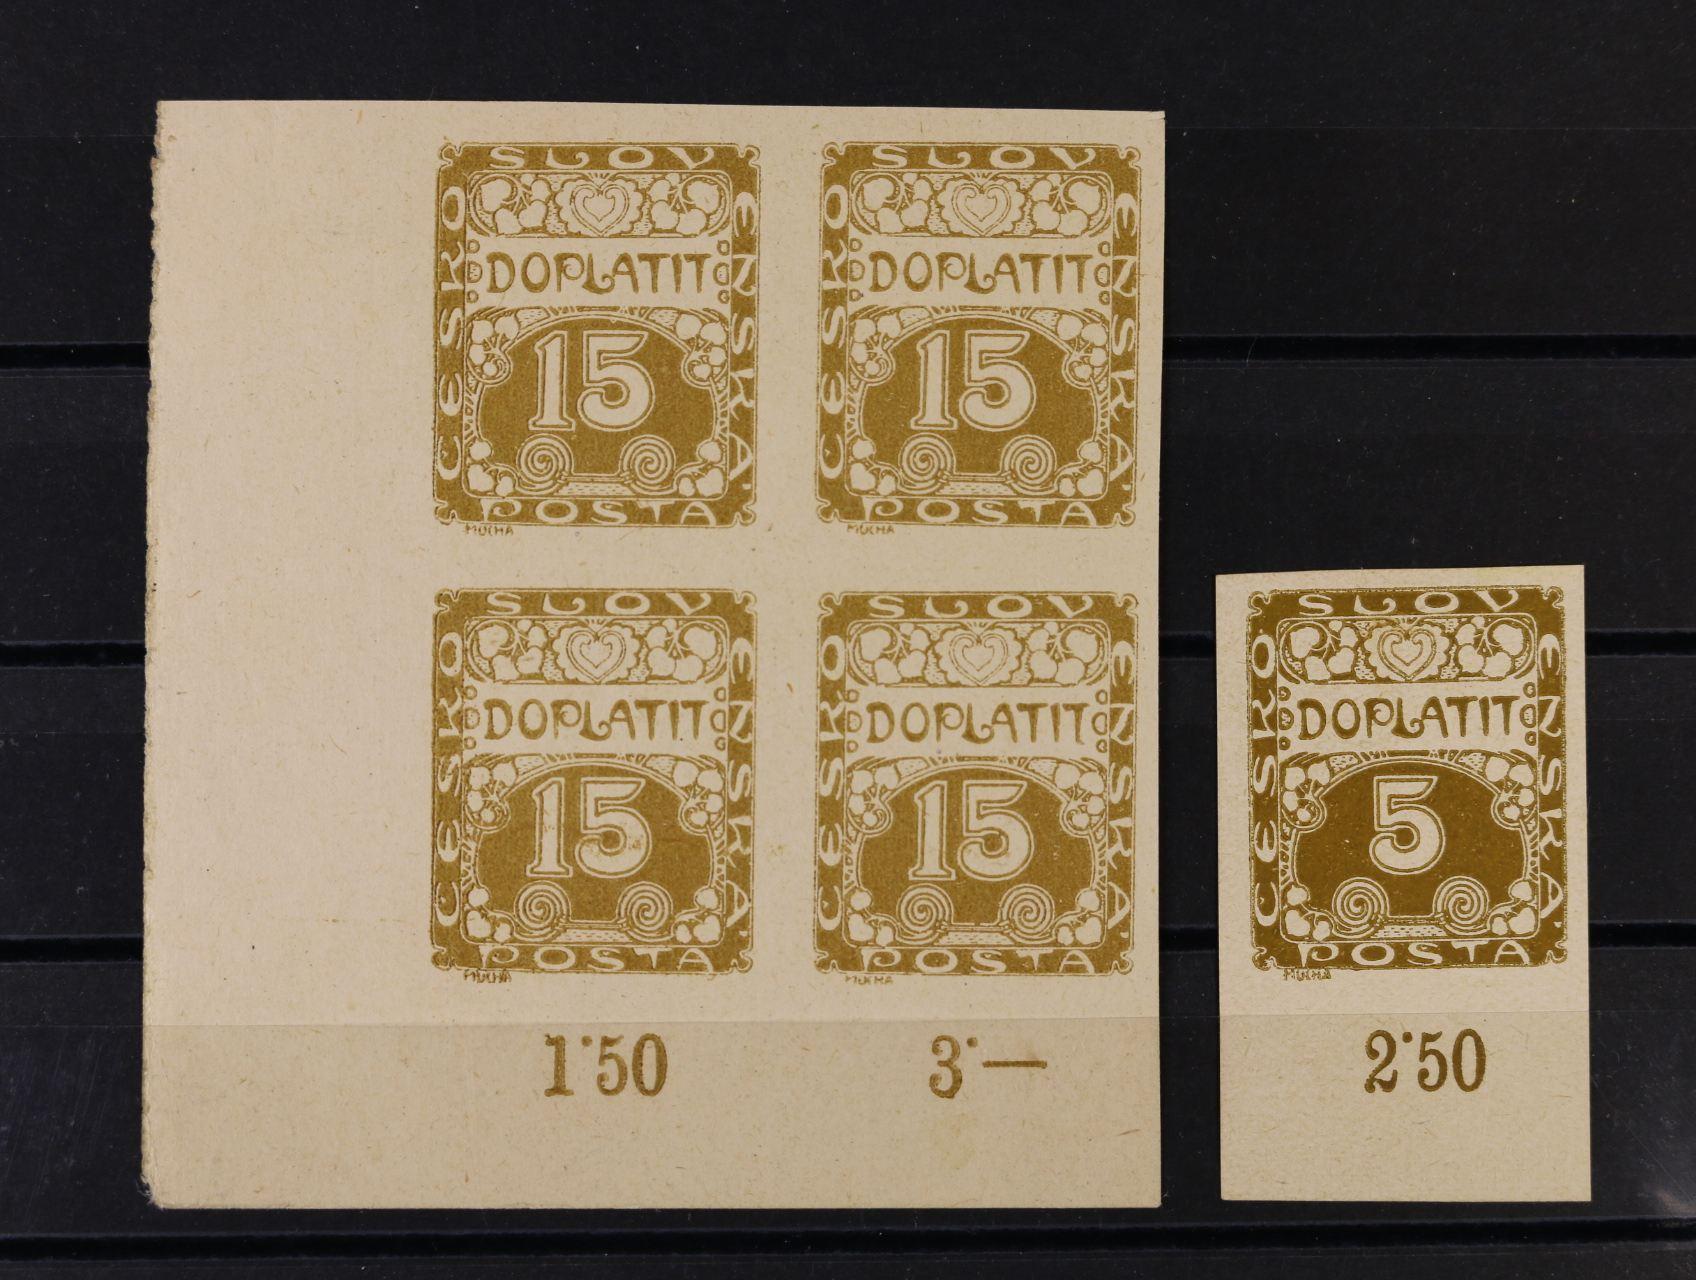 ZT zn. DL č. 1 se spodním okrajem a počitadlem, zk. Stupka, na papíře bez lepu a zn. DL 3 - levý spodní roh. čtyřblok na silném papíře